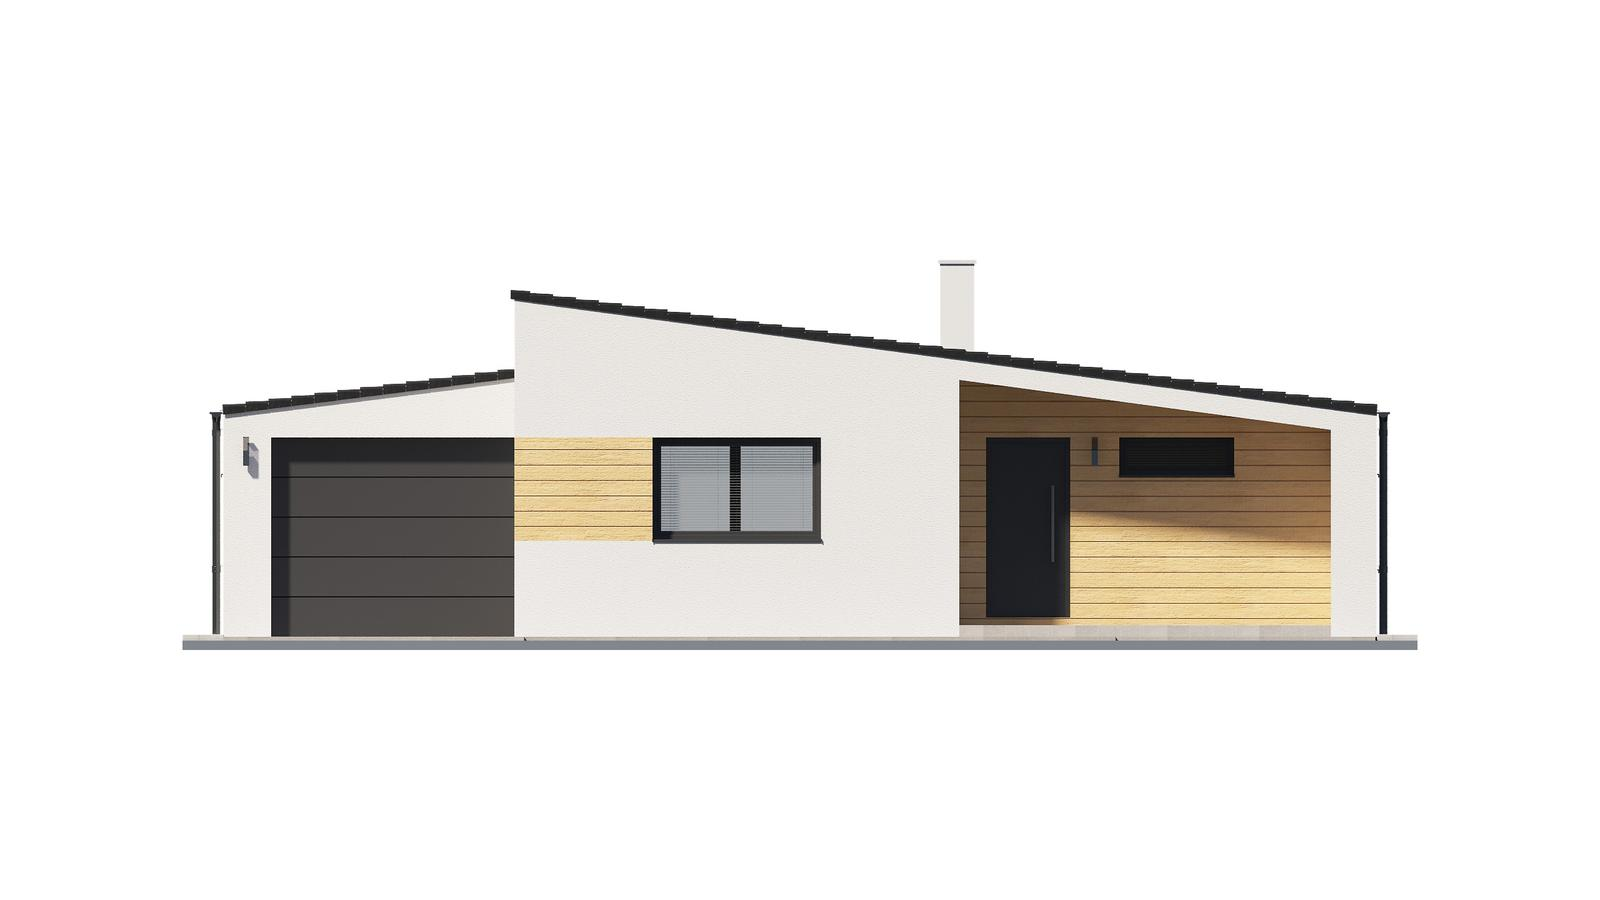 Ďalšie ukážky návrhov domčekov pre Vás - www.rodinny-dom.eu - Obrázok č. 1